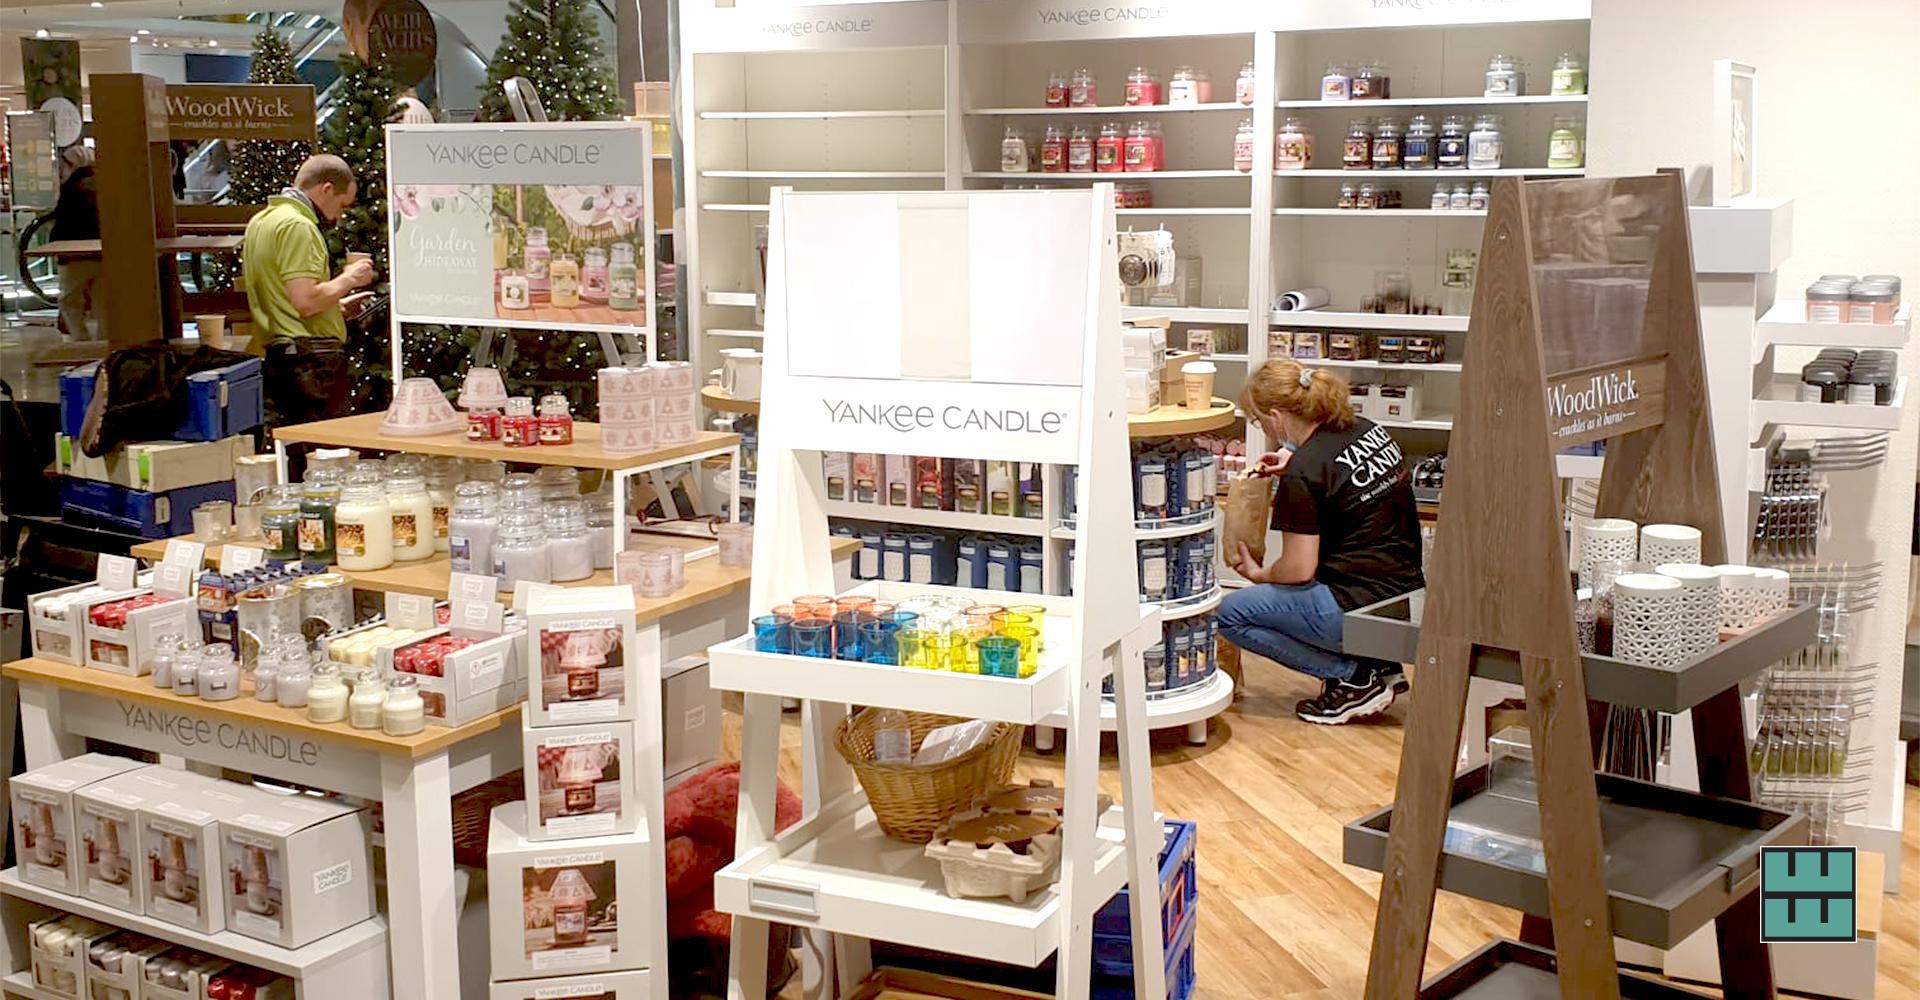 Für Yankee Candle haben wir Ende letzten Jahres in Hamburg und Köln Shopeinbauten in Kaufhäusern vorgenommen.